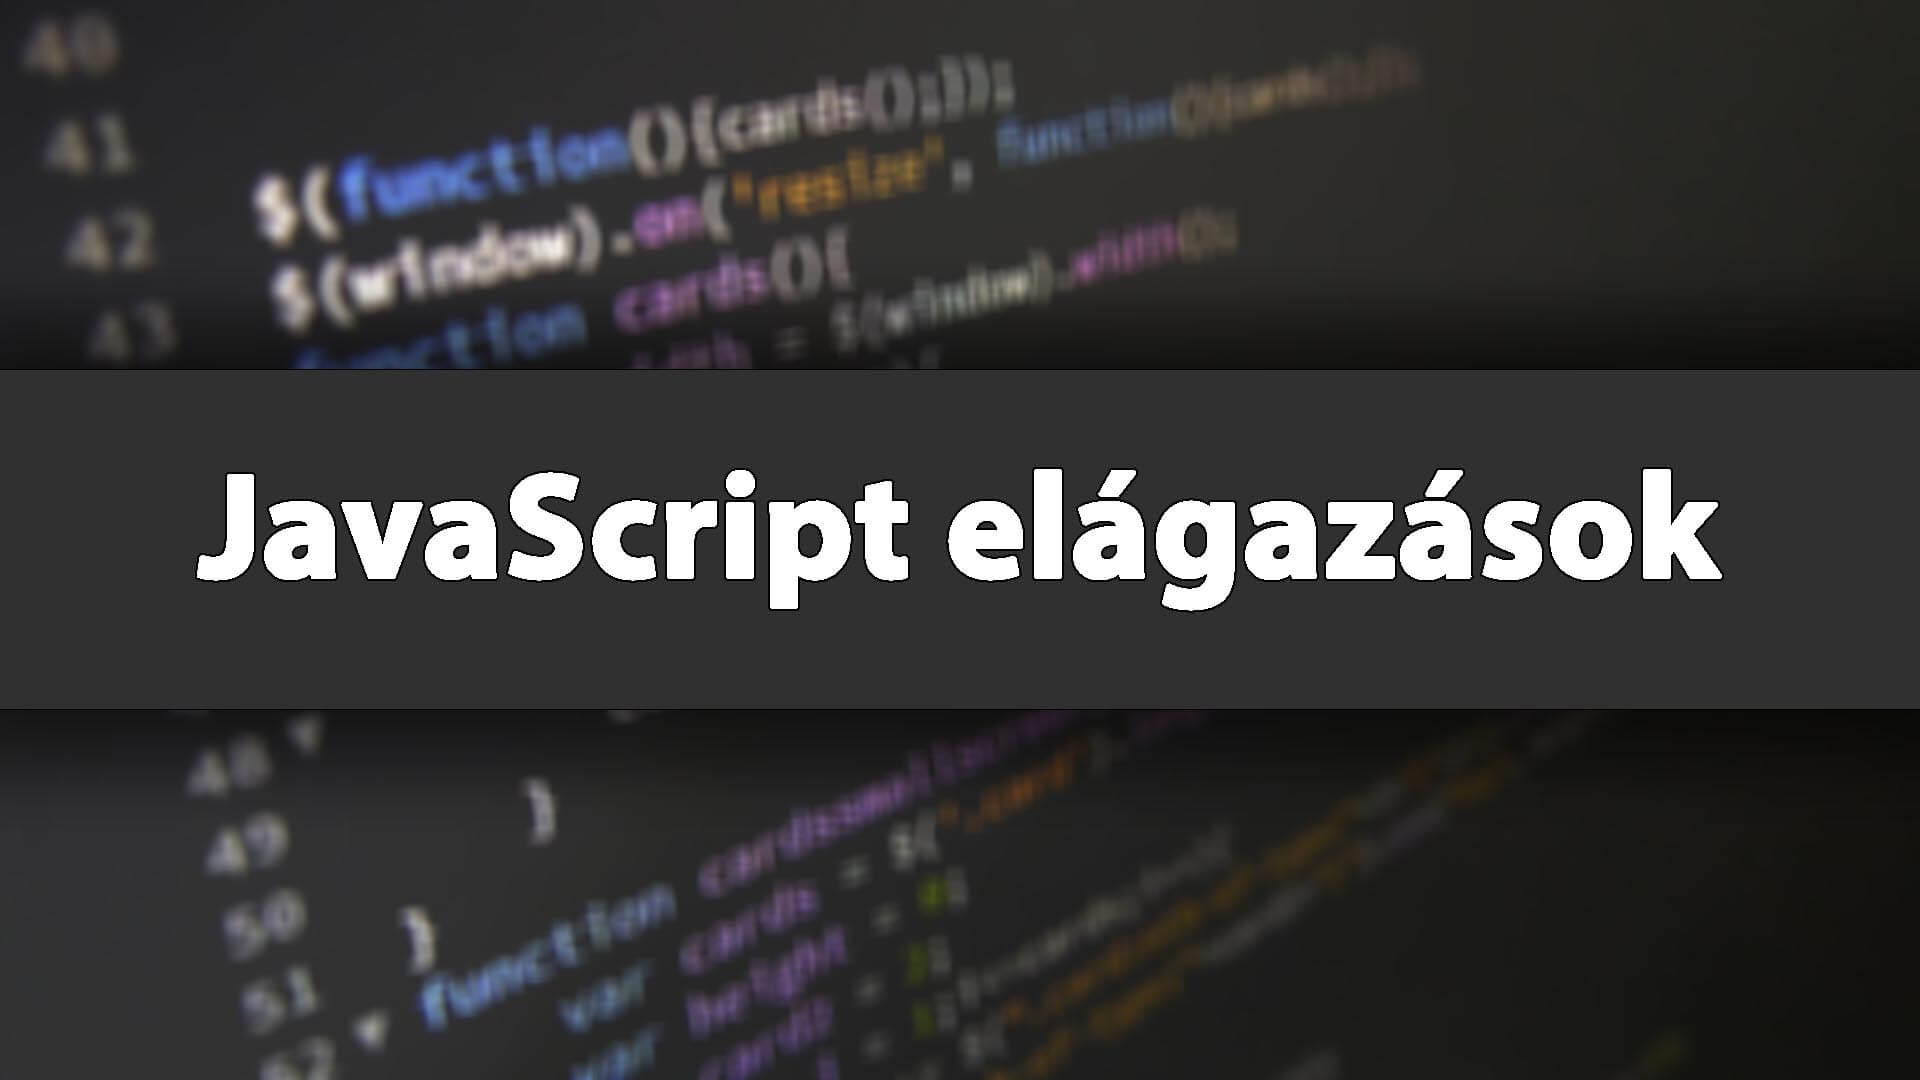 JavaScript elágazások (if, switch) című cikk borítóképe